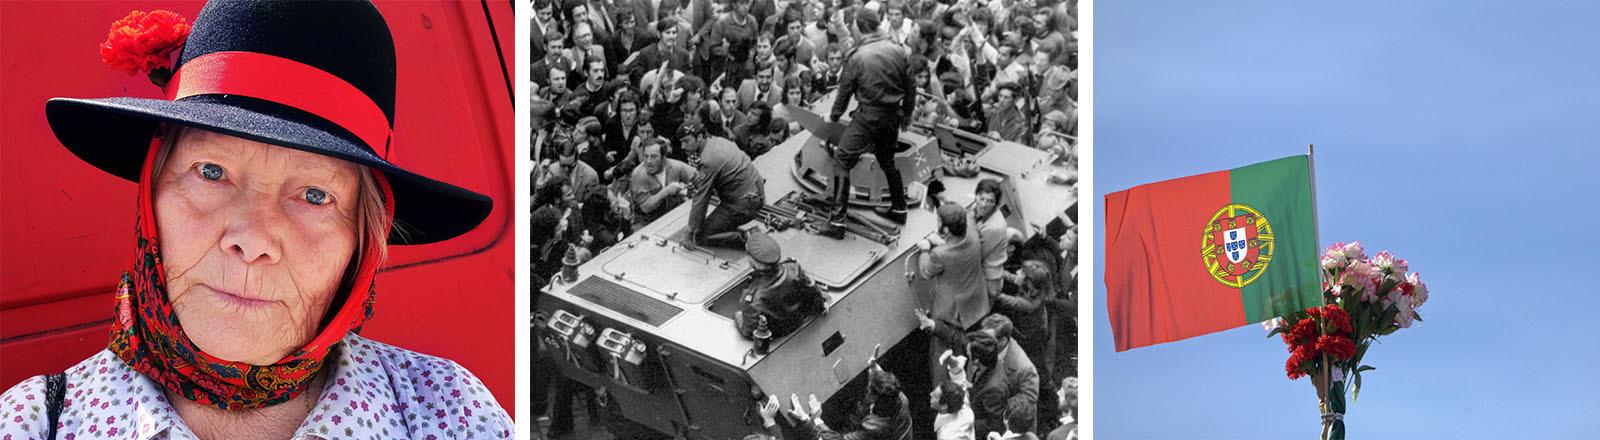 1974 markiert die Nelkenrevolution einen relativ friedlichen Umsturz.